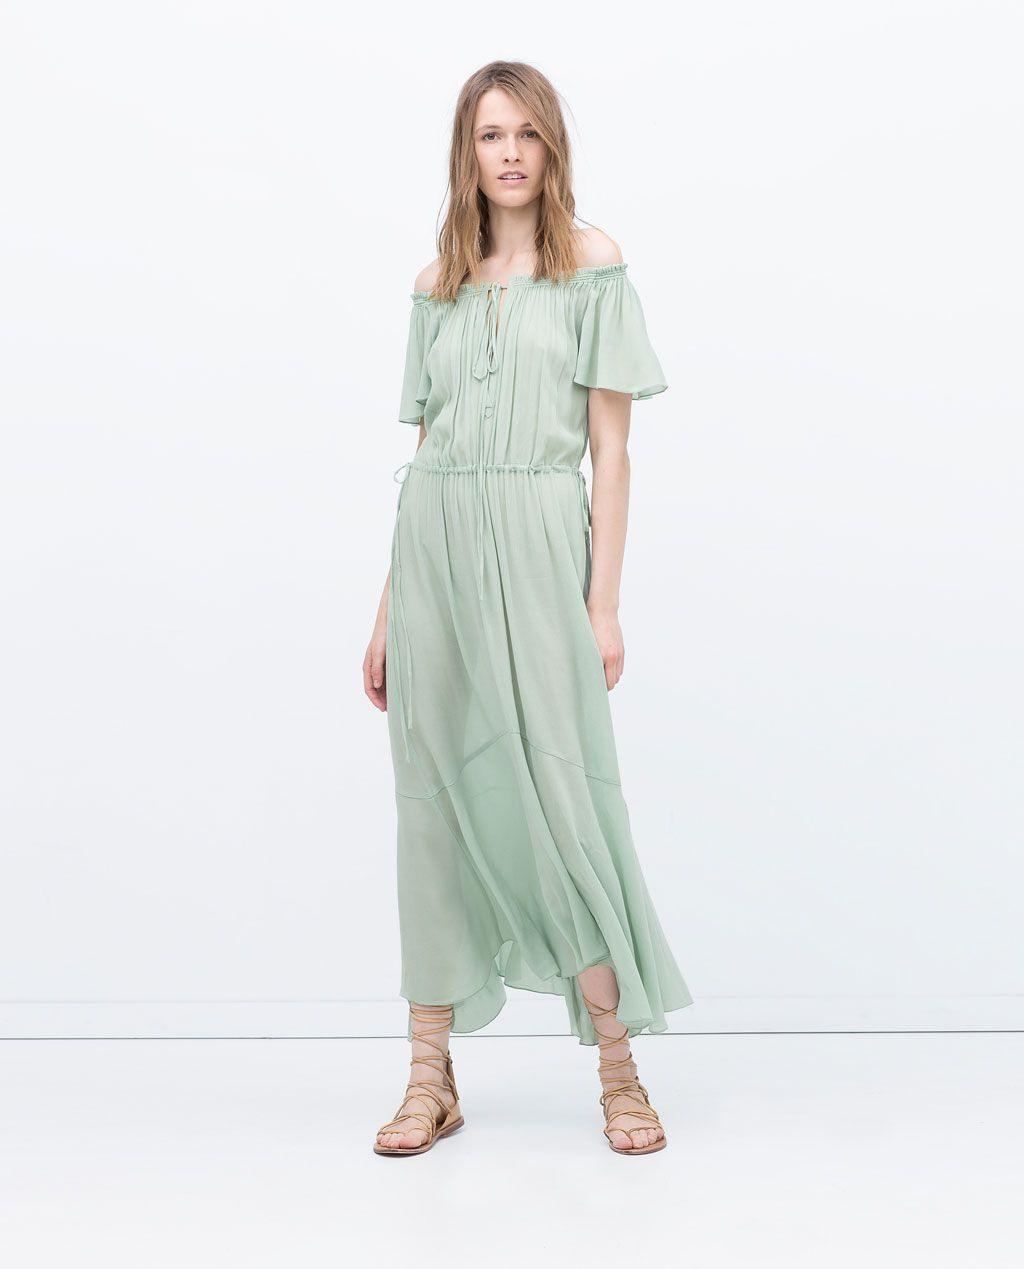 Abend Schön Zara Abendkleid Stylish20 Genial Zara Abendkleid Boutique